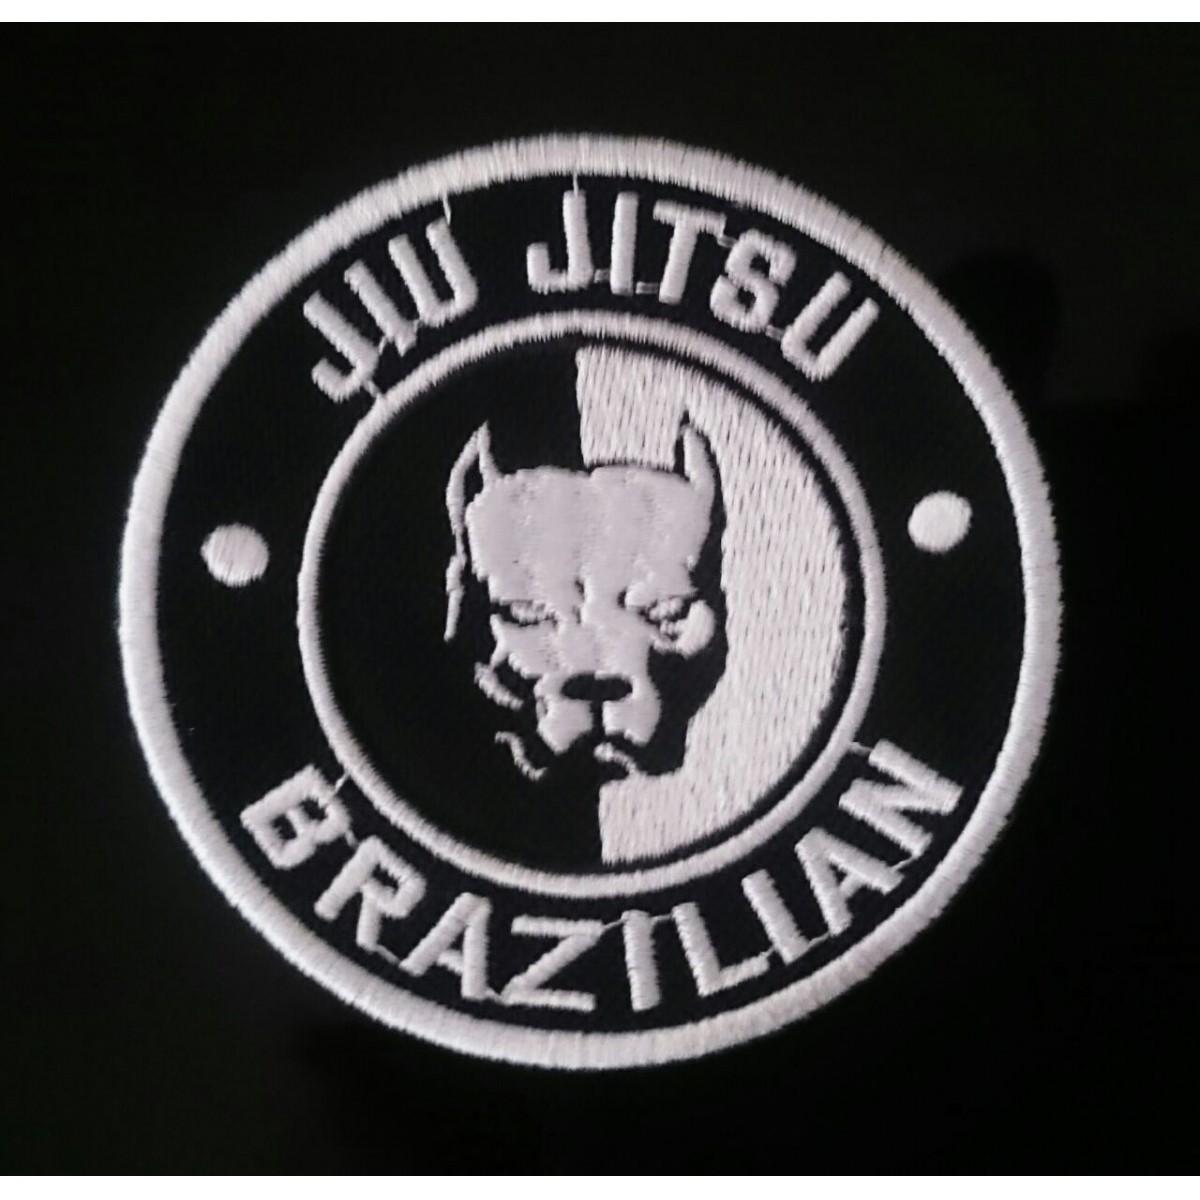 PATH BORDADO  BRAZILIAN JIU JITSU